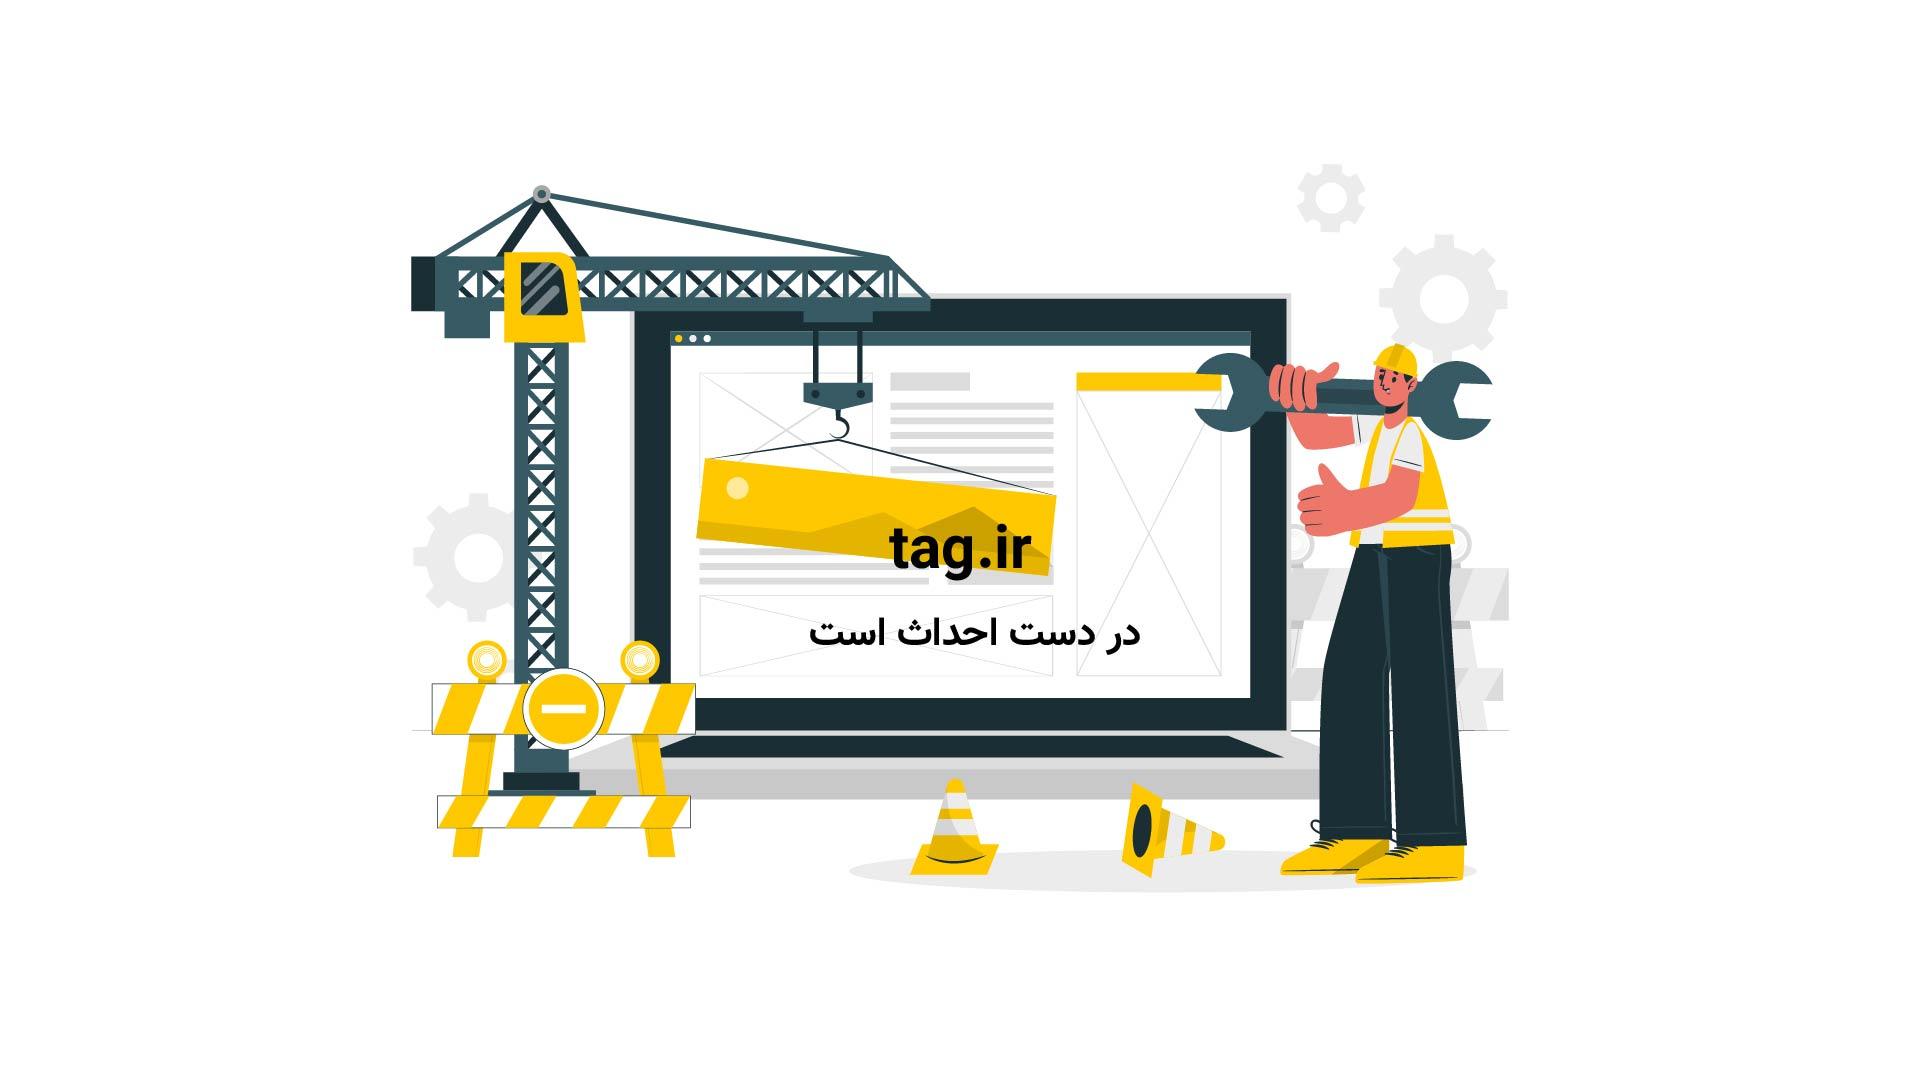 آموزش ساخت آویز شیشه ای درخت کریسمس با استفاده از لامپ | فیلم